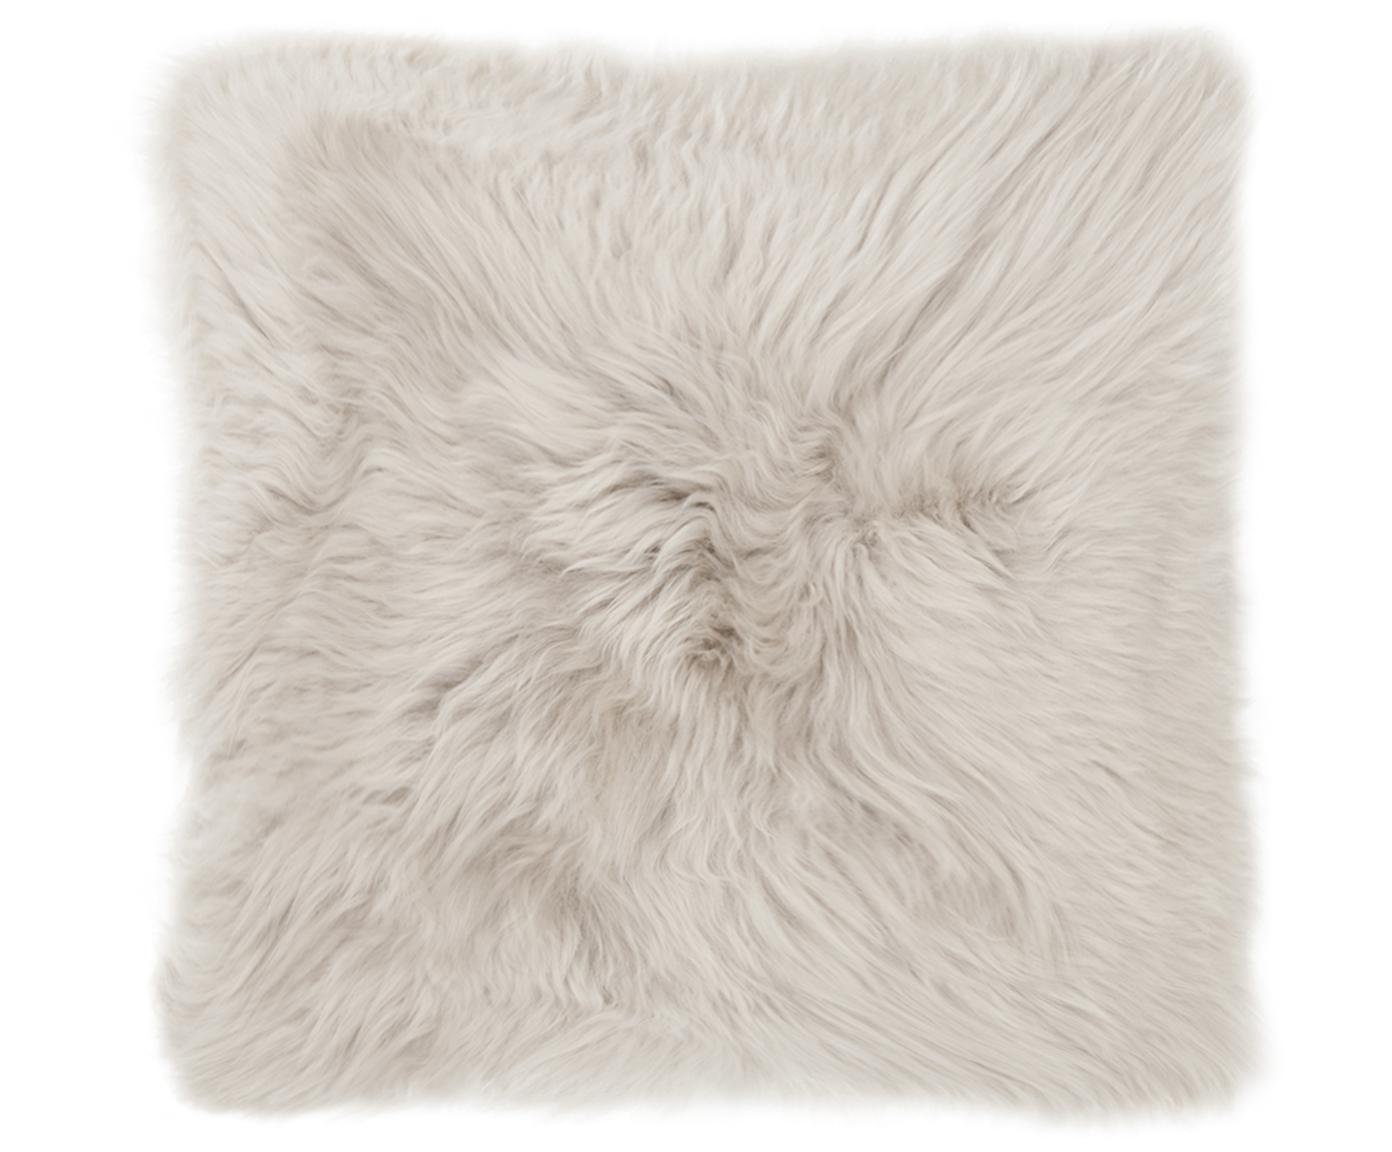 Poszewka na poduszkę ze skóry owczej Oslo, Przód: beżowy Tył: jasny szary, S 40 x D 40 cm